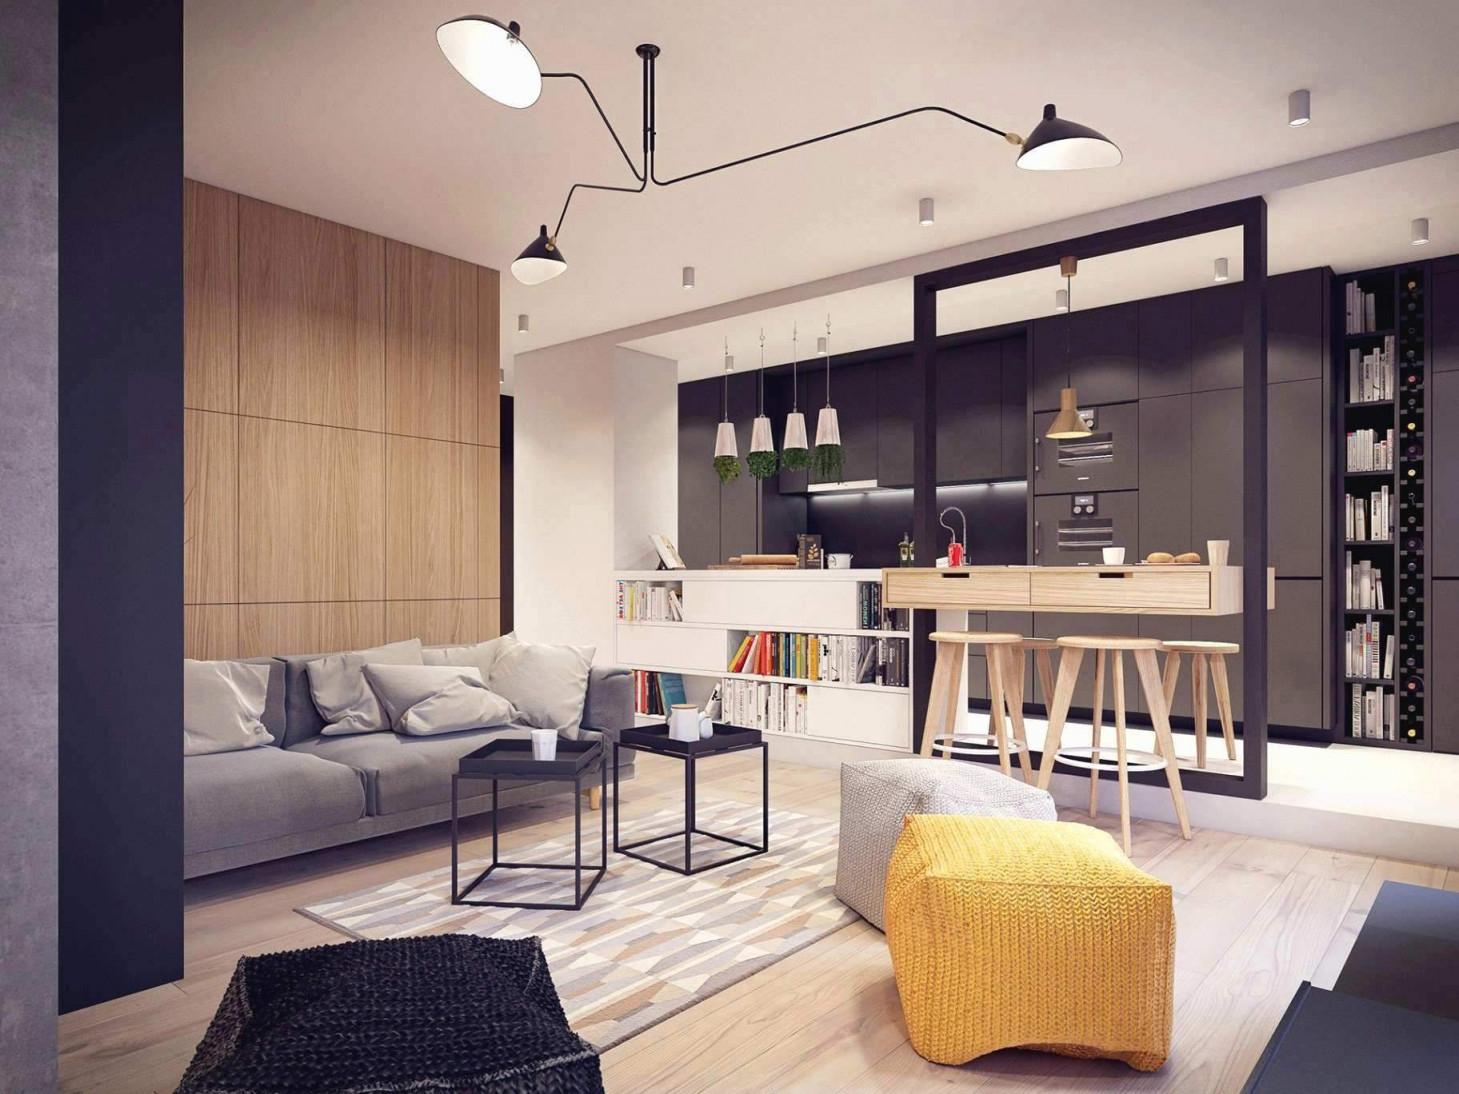 Deckengestaltung Wohnzimmer Decke Gestalten – Caseconrad von Wohnzimmer Decken Neu Gestalten Photo